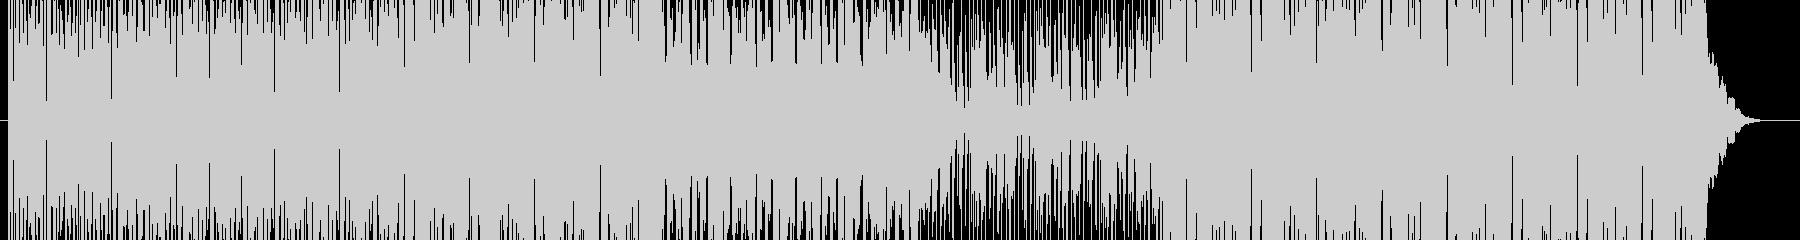 ノリノリなEDMテクノの未再生の波形